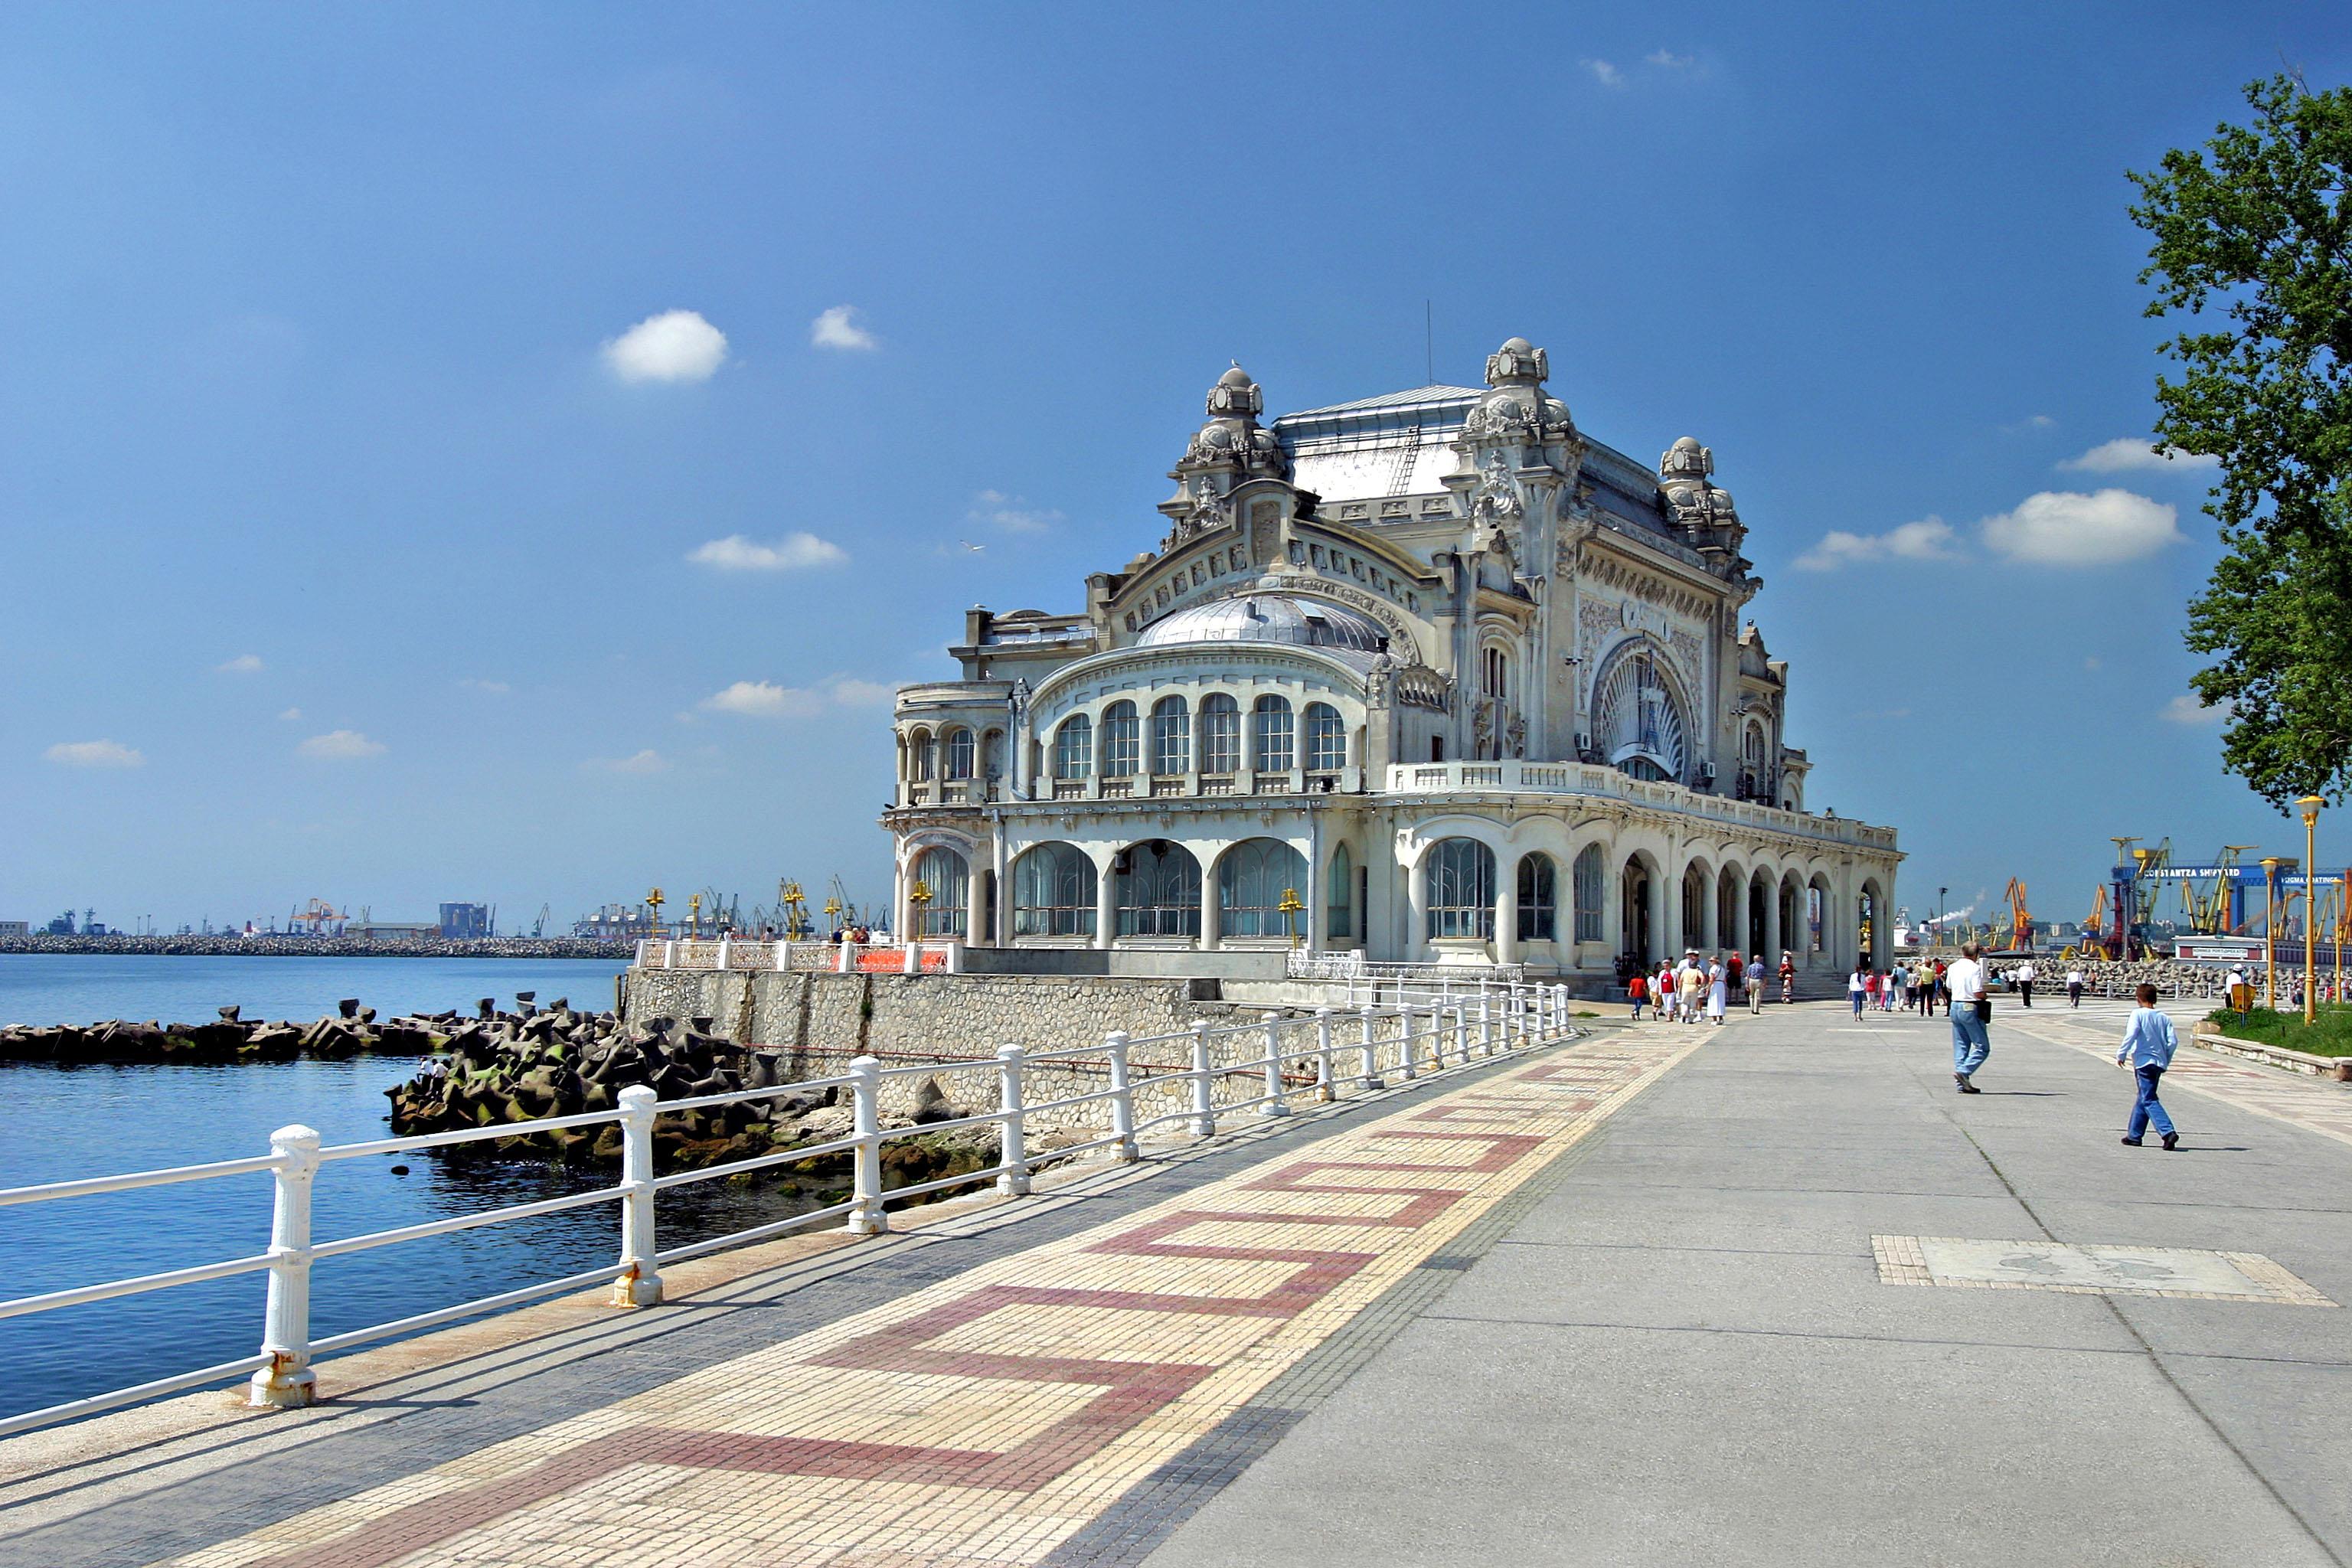 казино констанца румыния фото